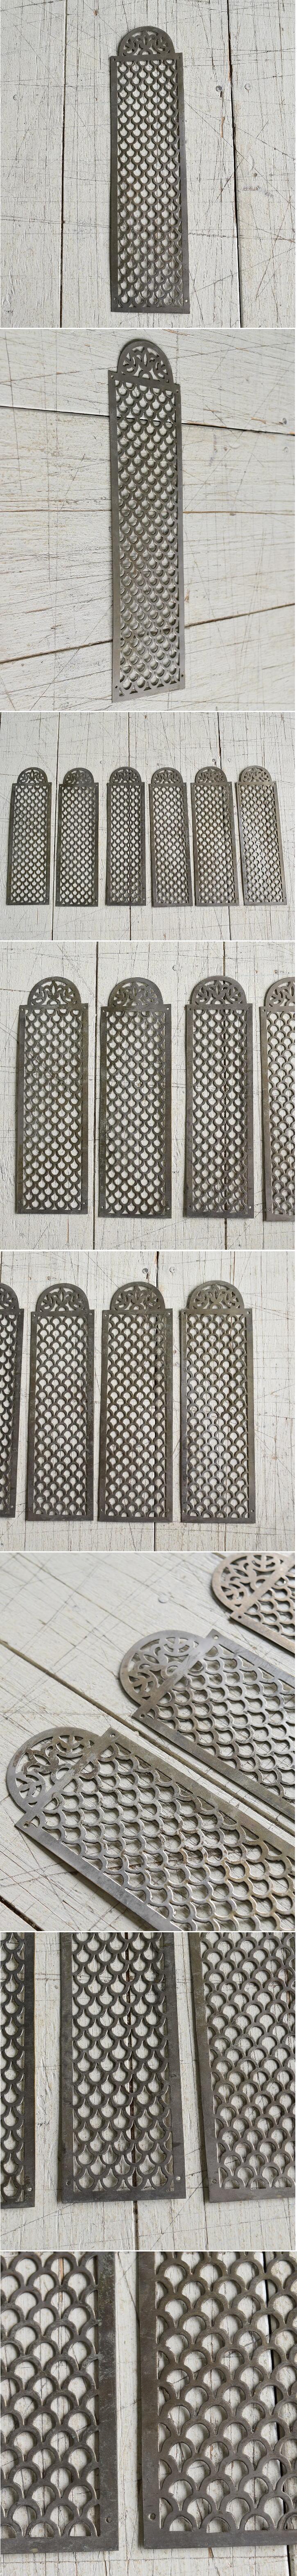 イギリス アンティーク 真鍮フィンガープレート ドアプレート 7827